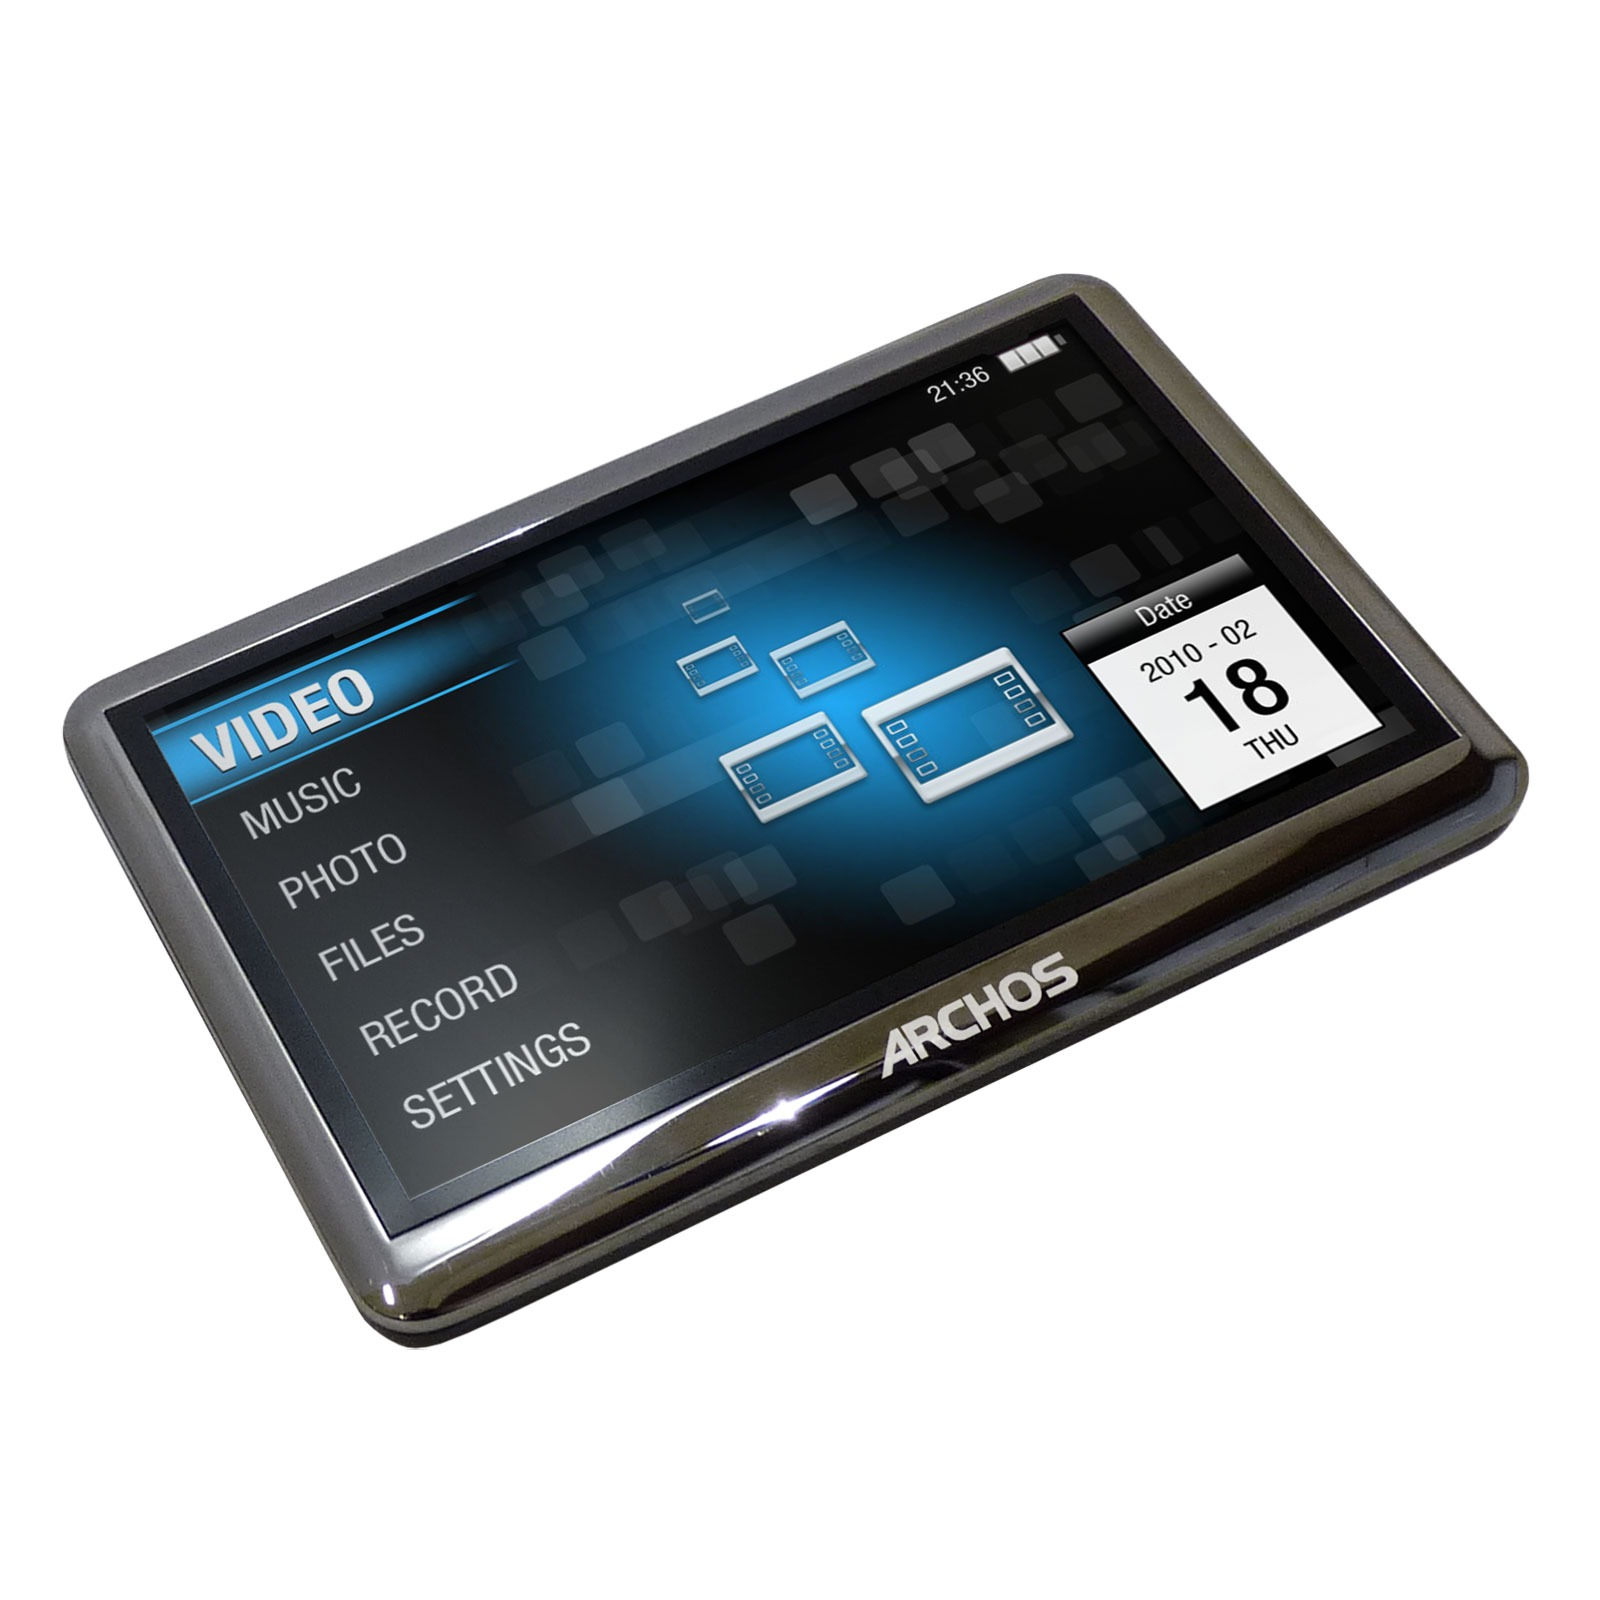 Lecteur MP3 & iPod Archos 43 Vision Archos 43 Vision Noir - Lecteur MP3 vidéo 8 Go